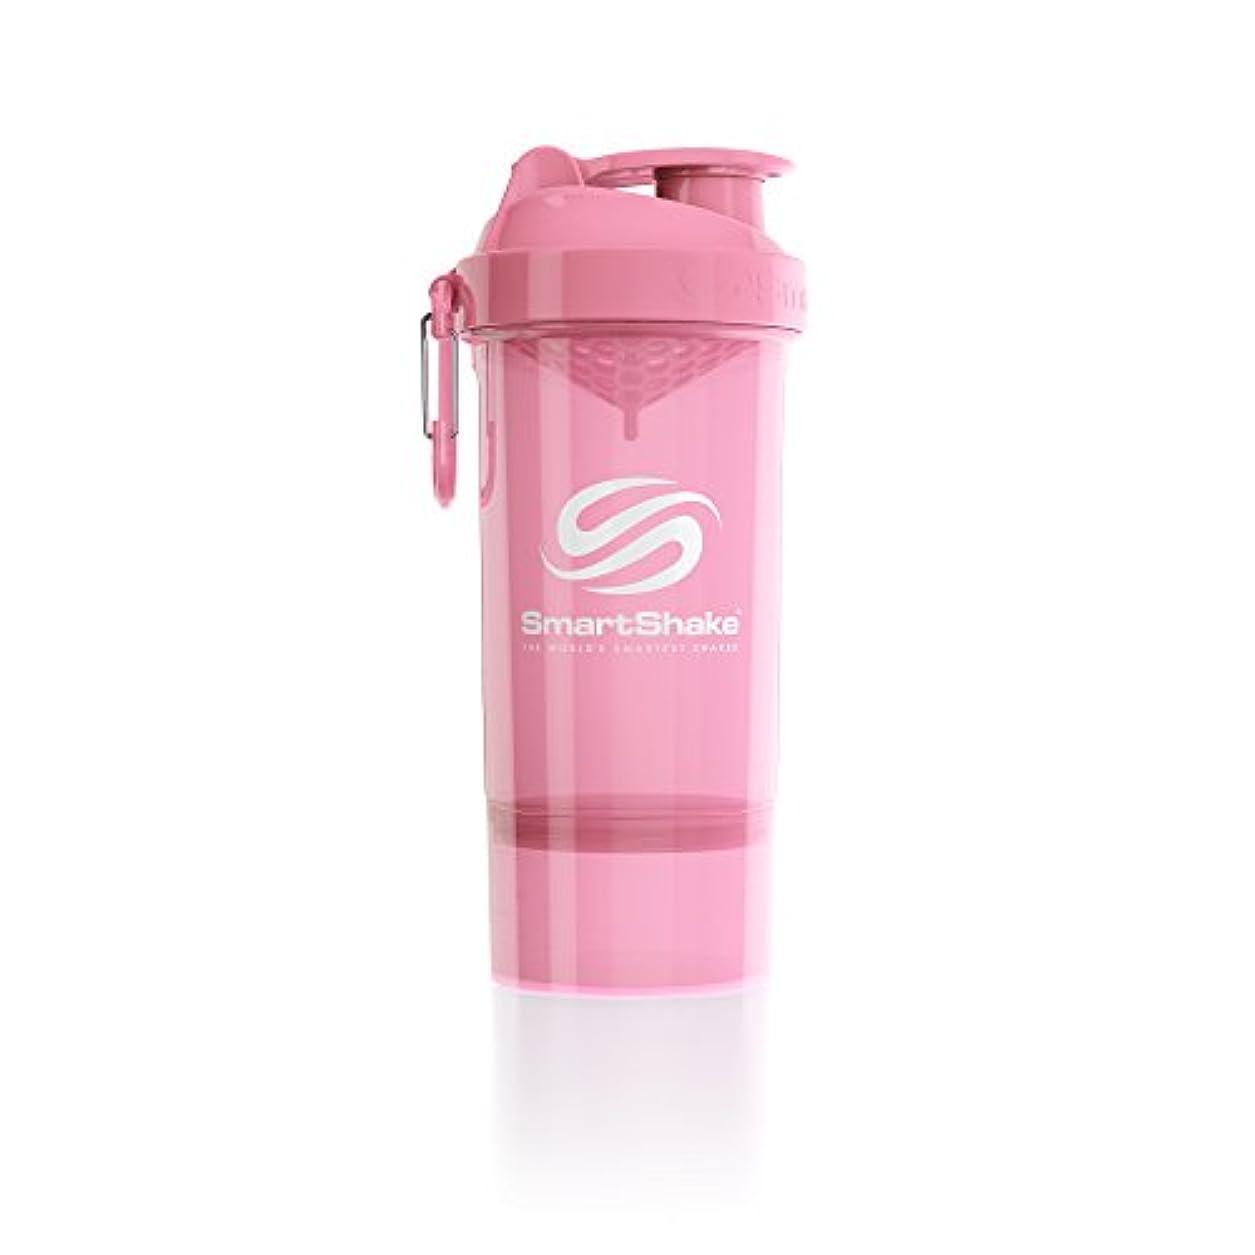 プレミアムお酢シーケンスSmartShake(スマートシェイク) SmartShake ORIGINAL2GO ONE 800ml Light Pink 多機能プロテインシェイカー ライトピンク 800ml大容量 コンテナ1段タイプ